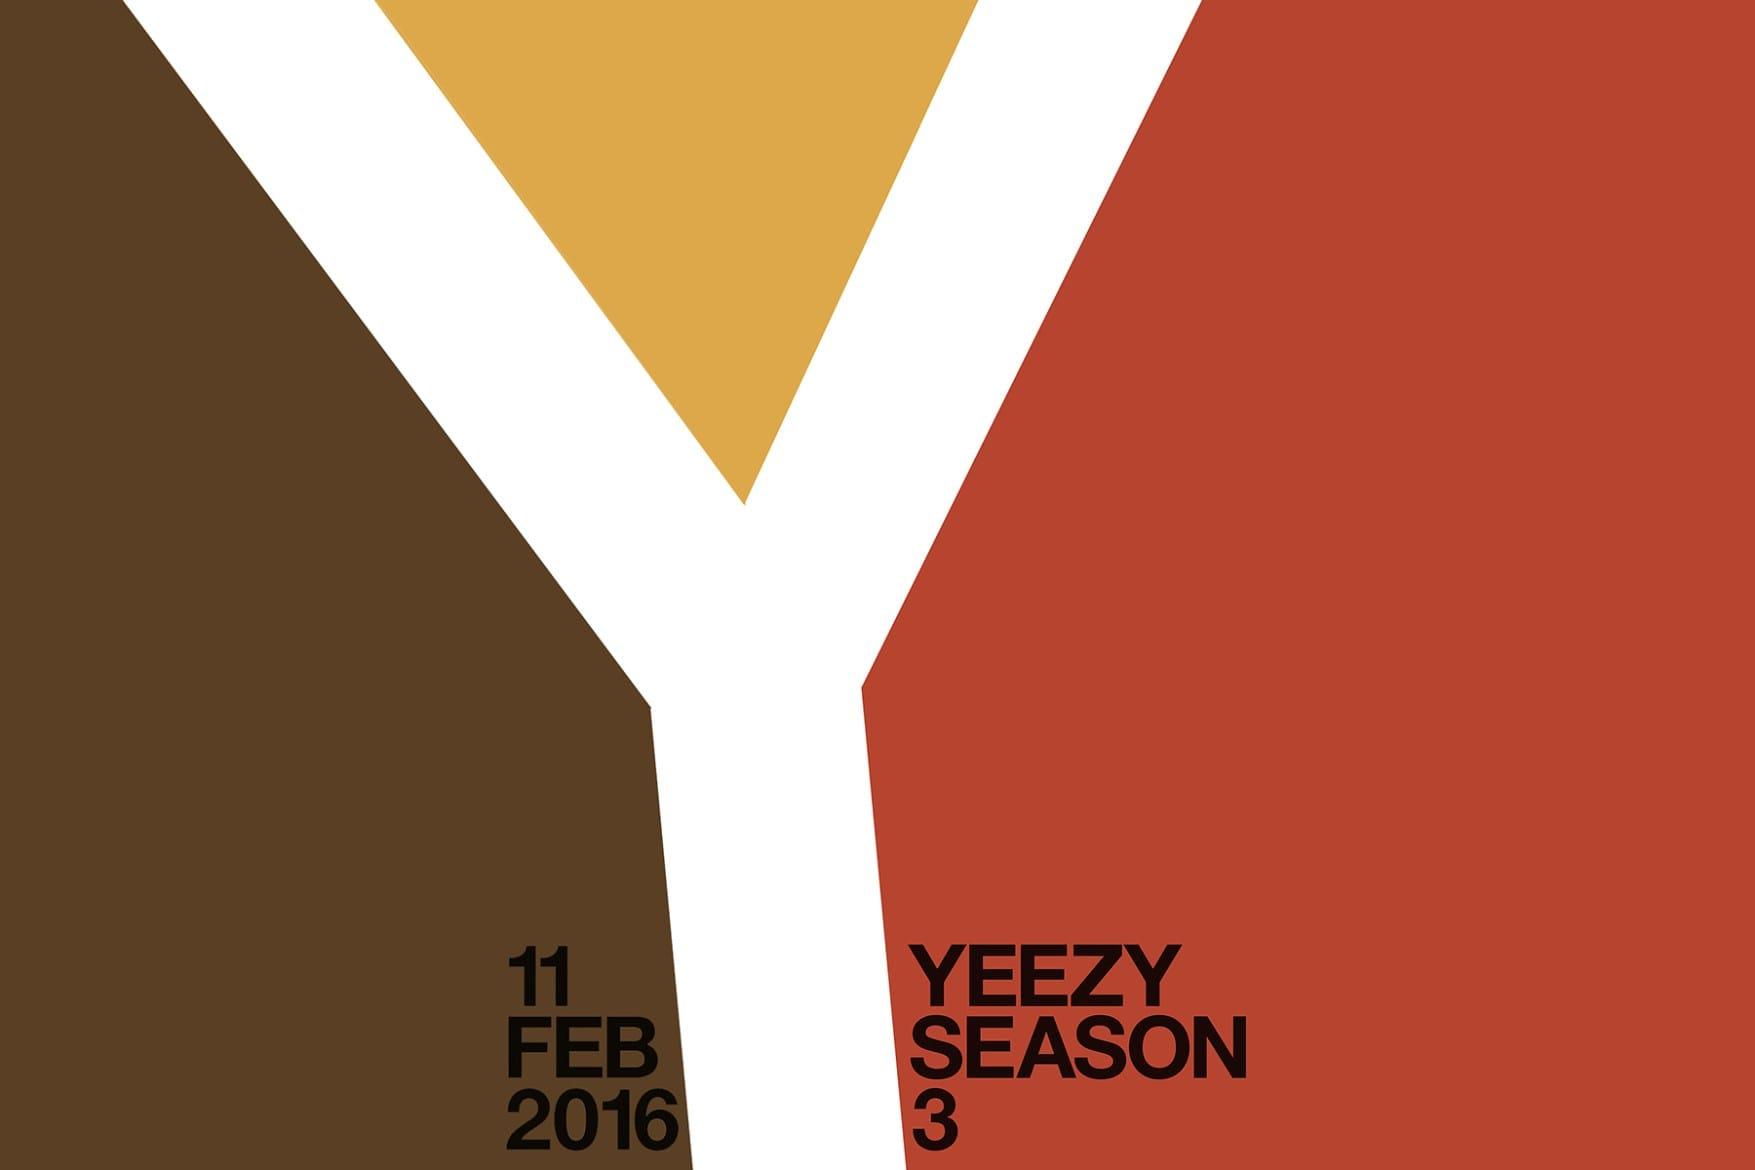 yeezy season sale